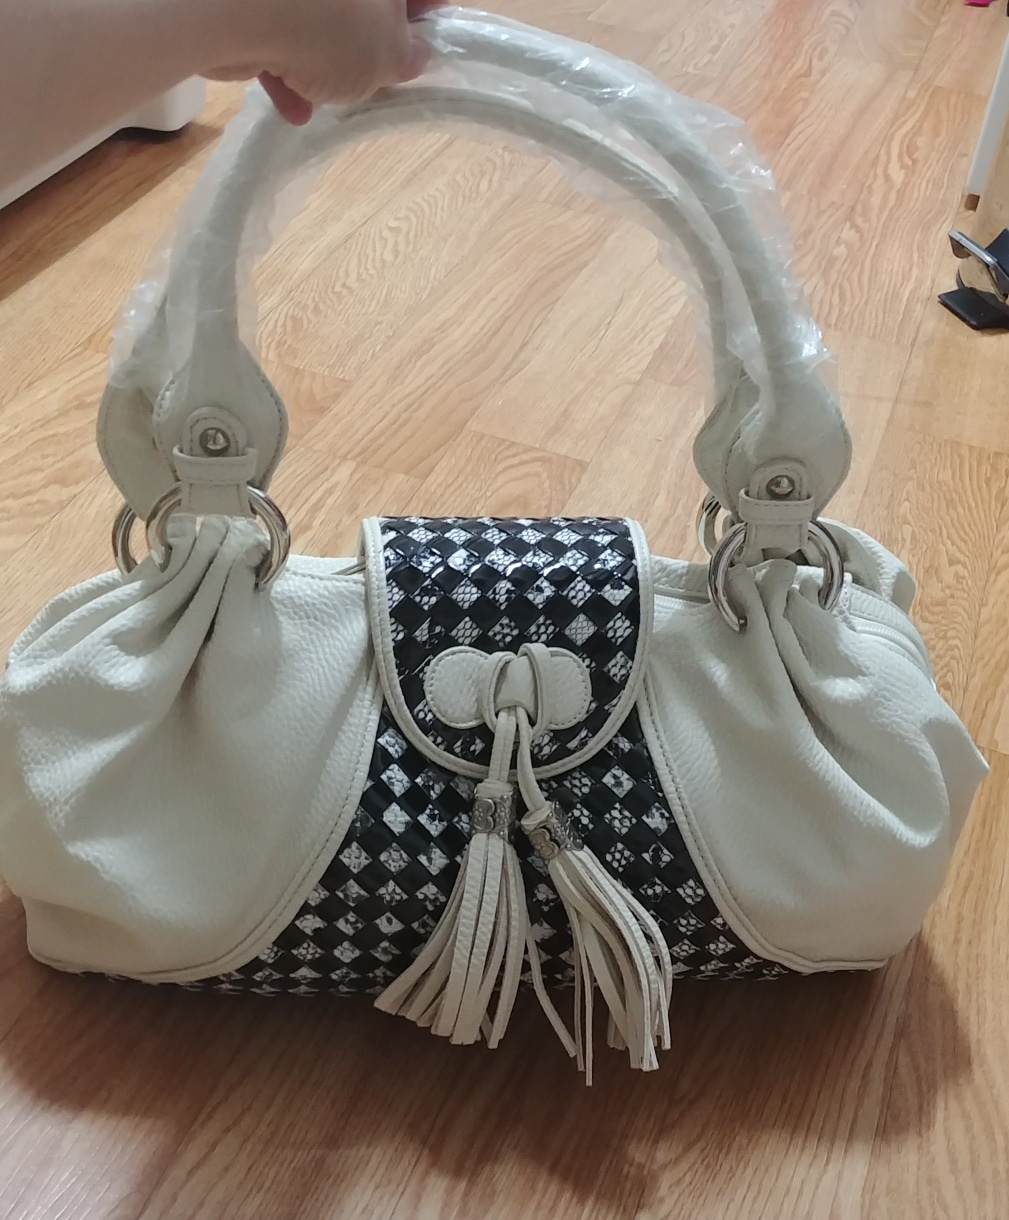 NICOLE LENIC 여름가방 흰가방 여성가방 핸드백 숄더백